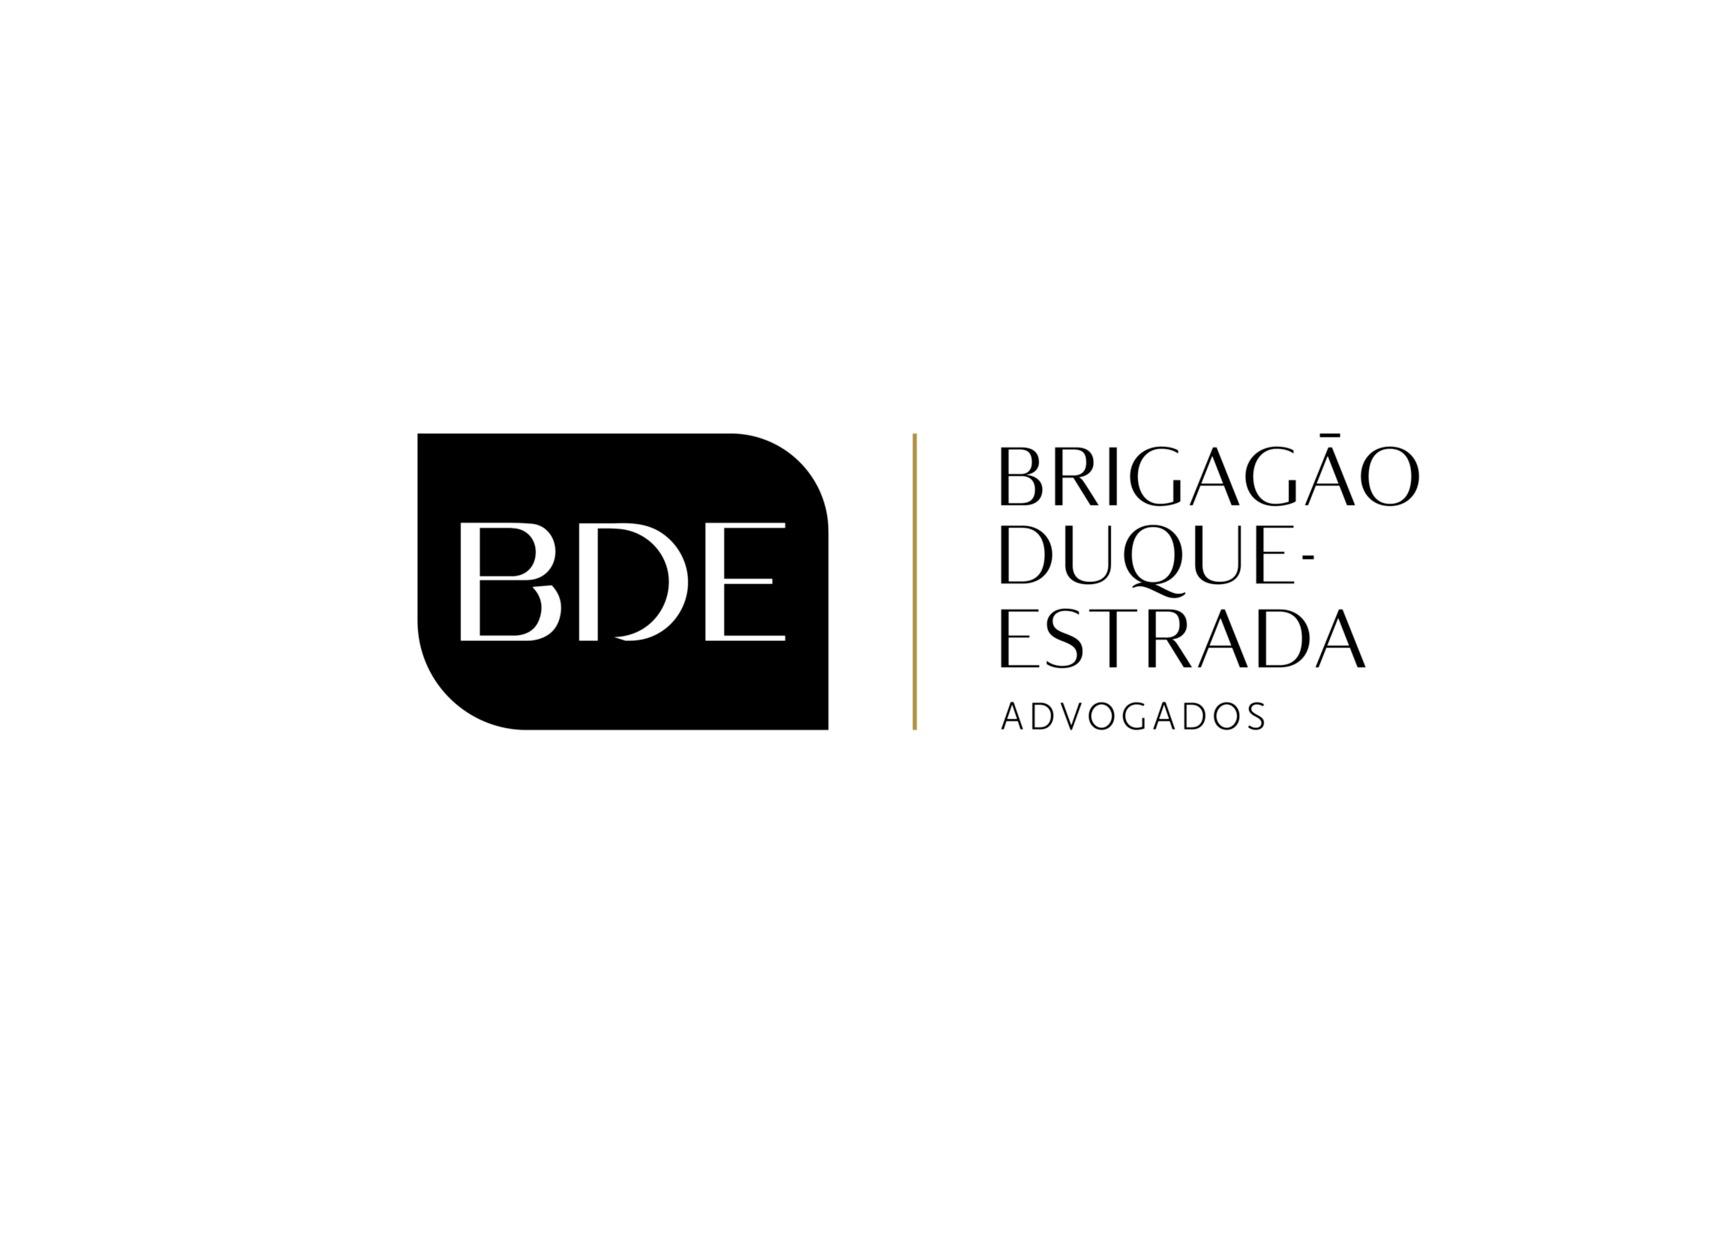 the Brigagão, Duque Estrada Advogados logo.